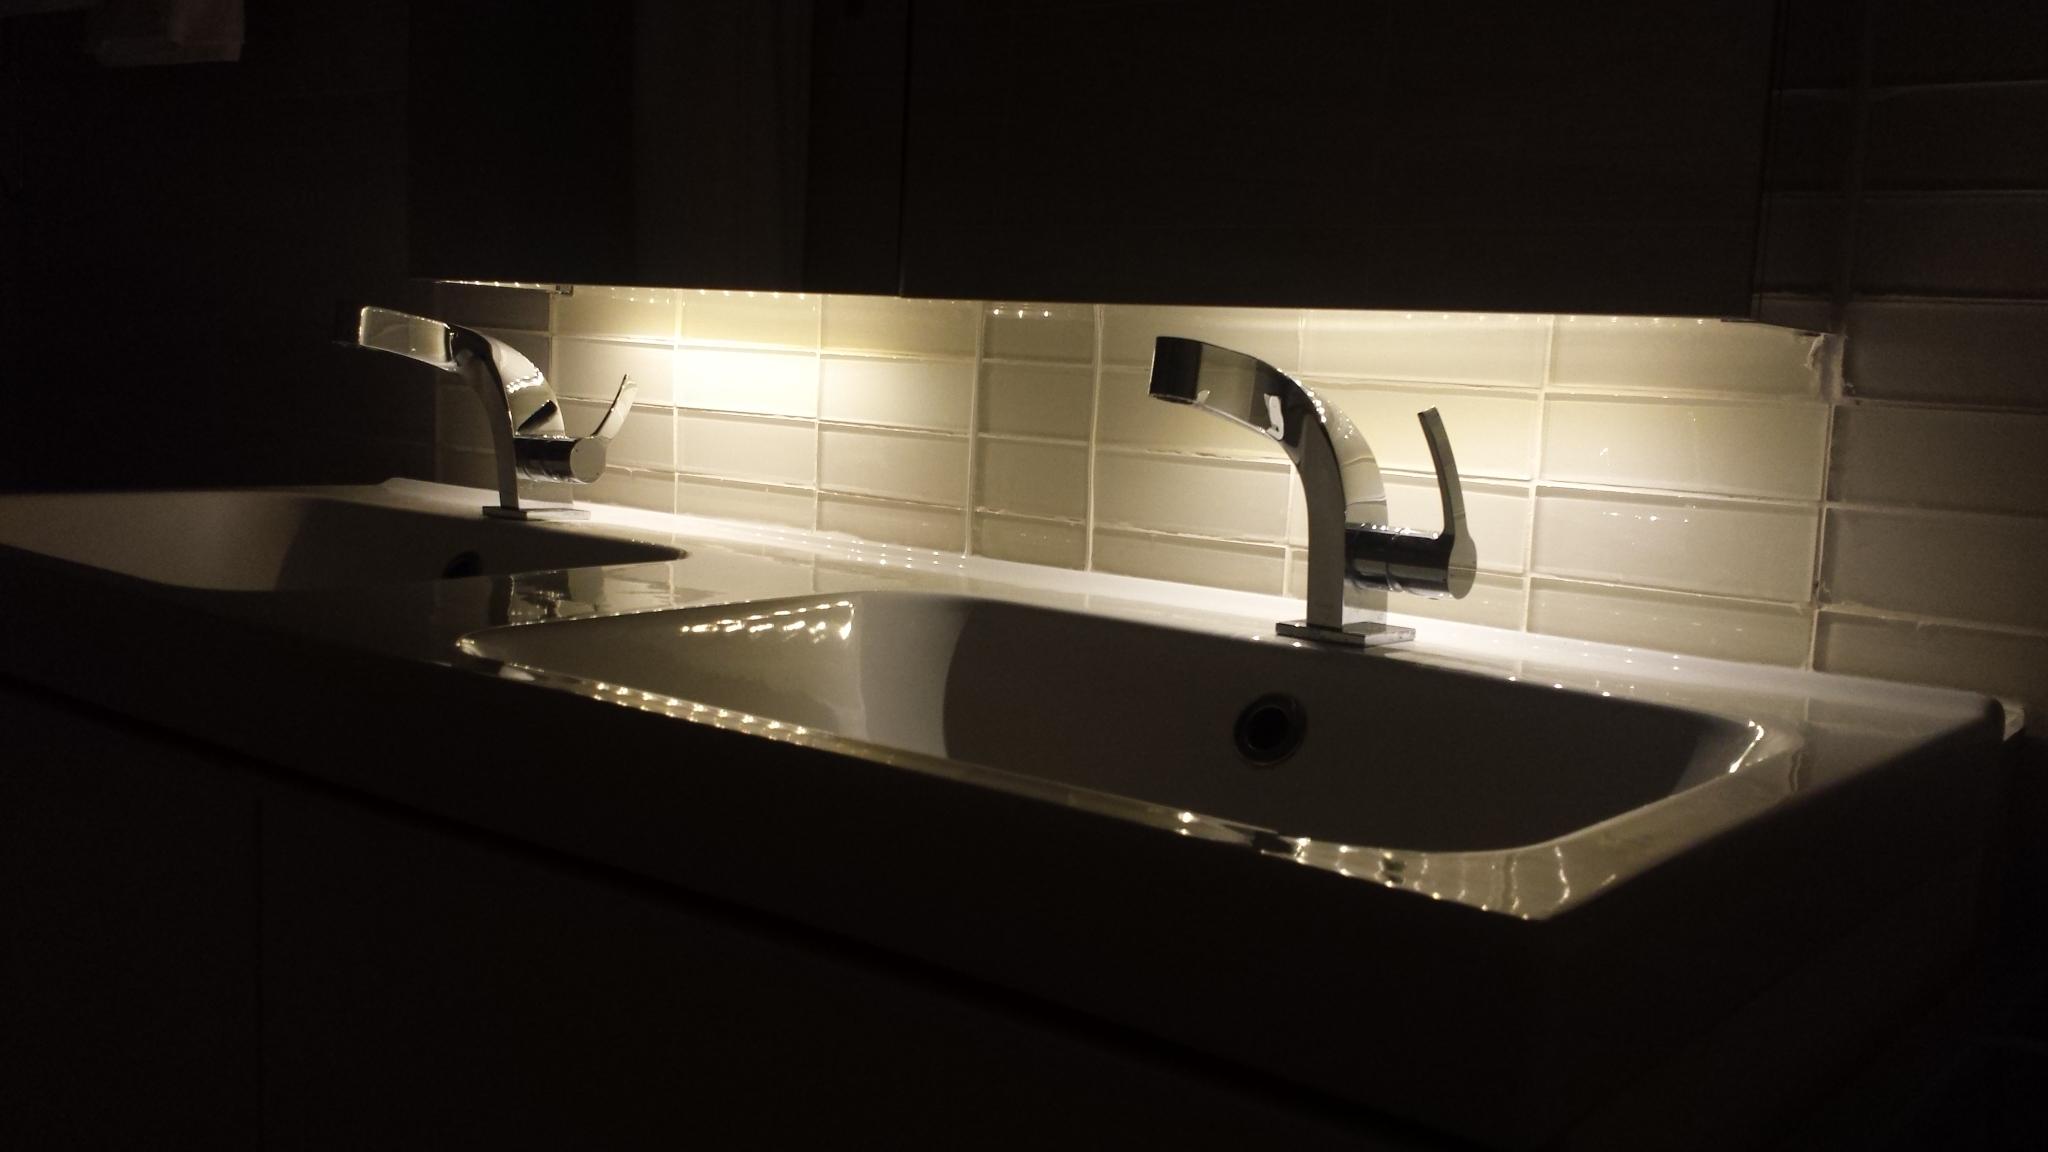 Unit 204 - Bathroom 2